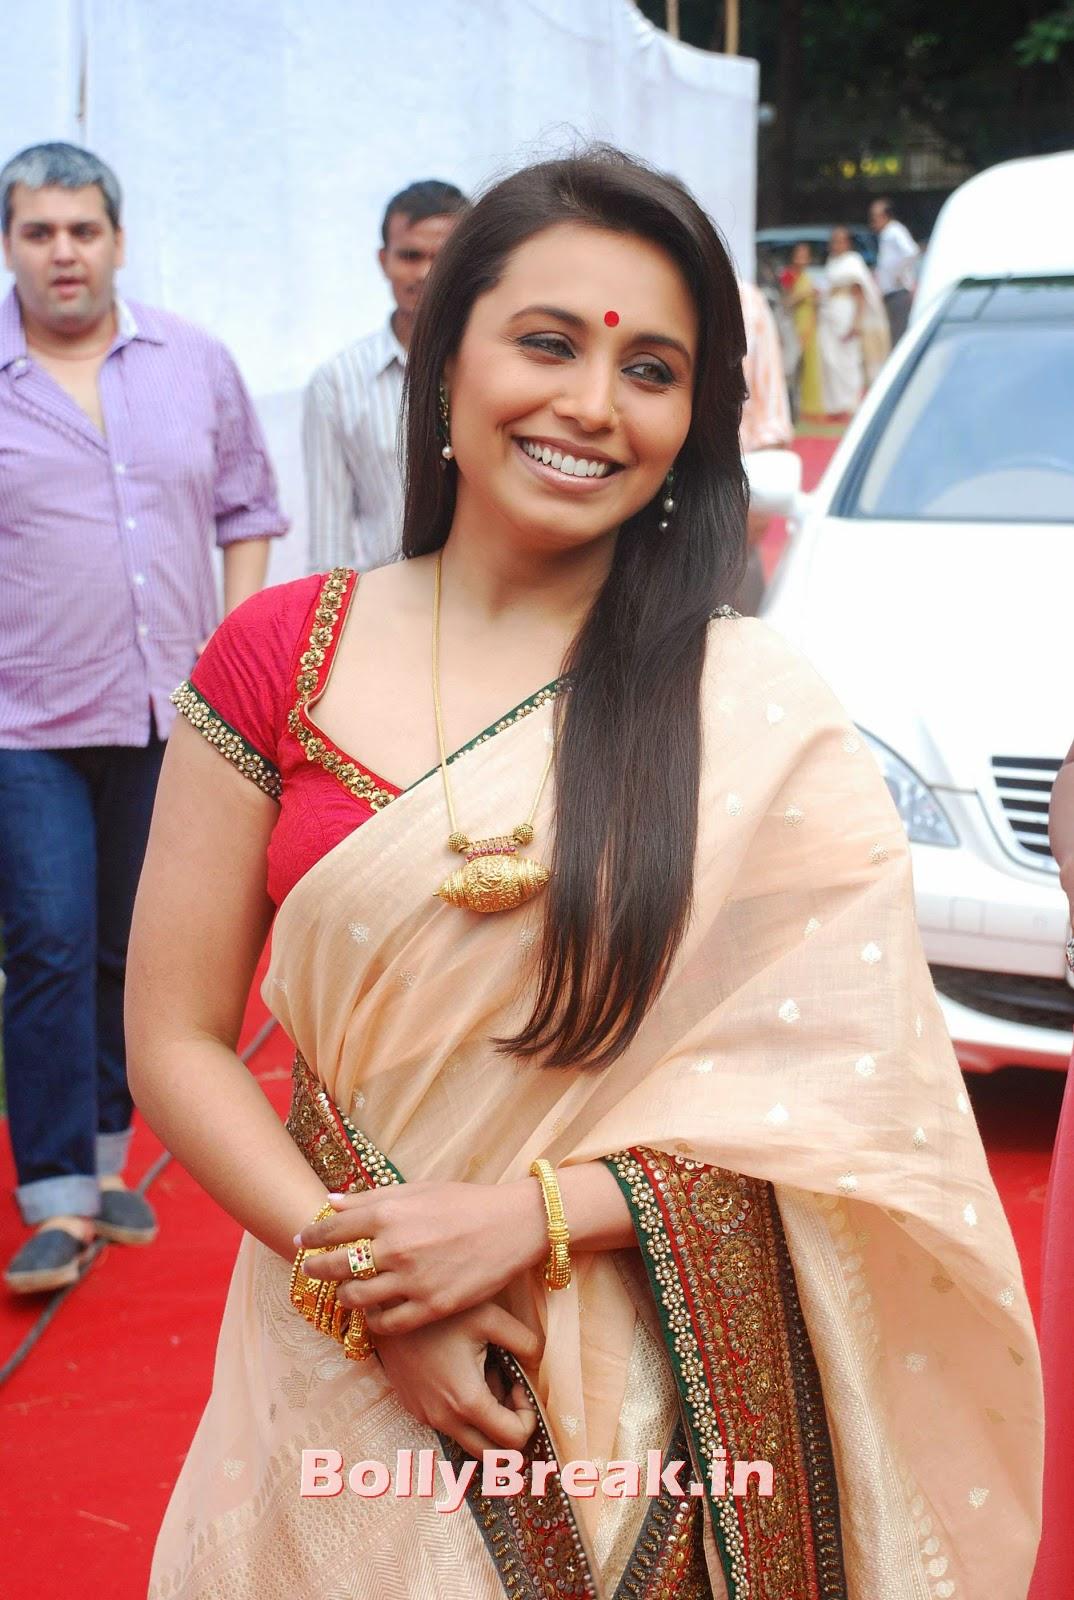 Rani Mukherjee Bengali Saree Hot Slike v visoki ločljivosti - 5 Slike-5695